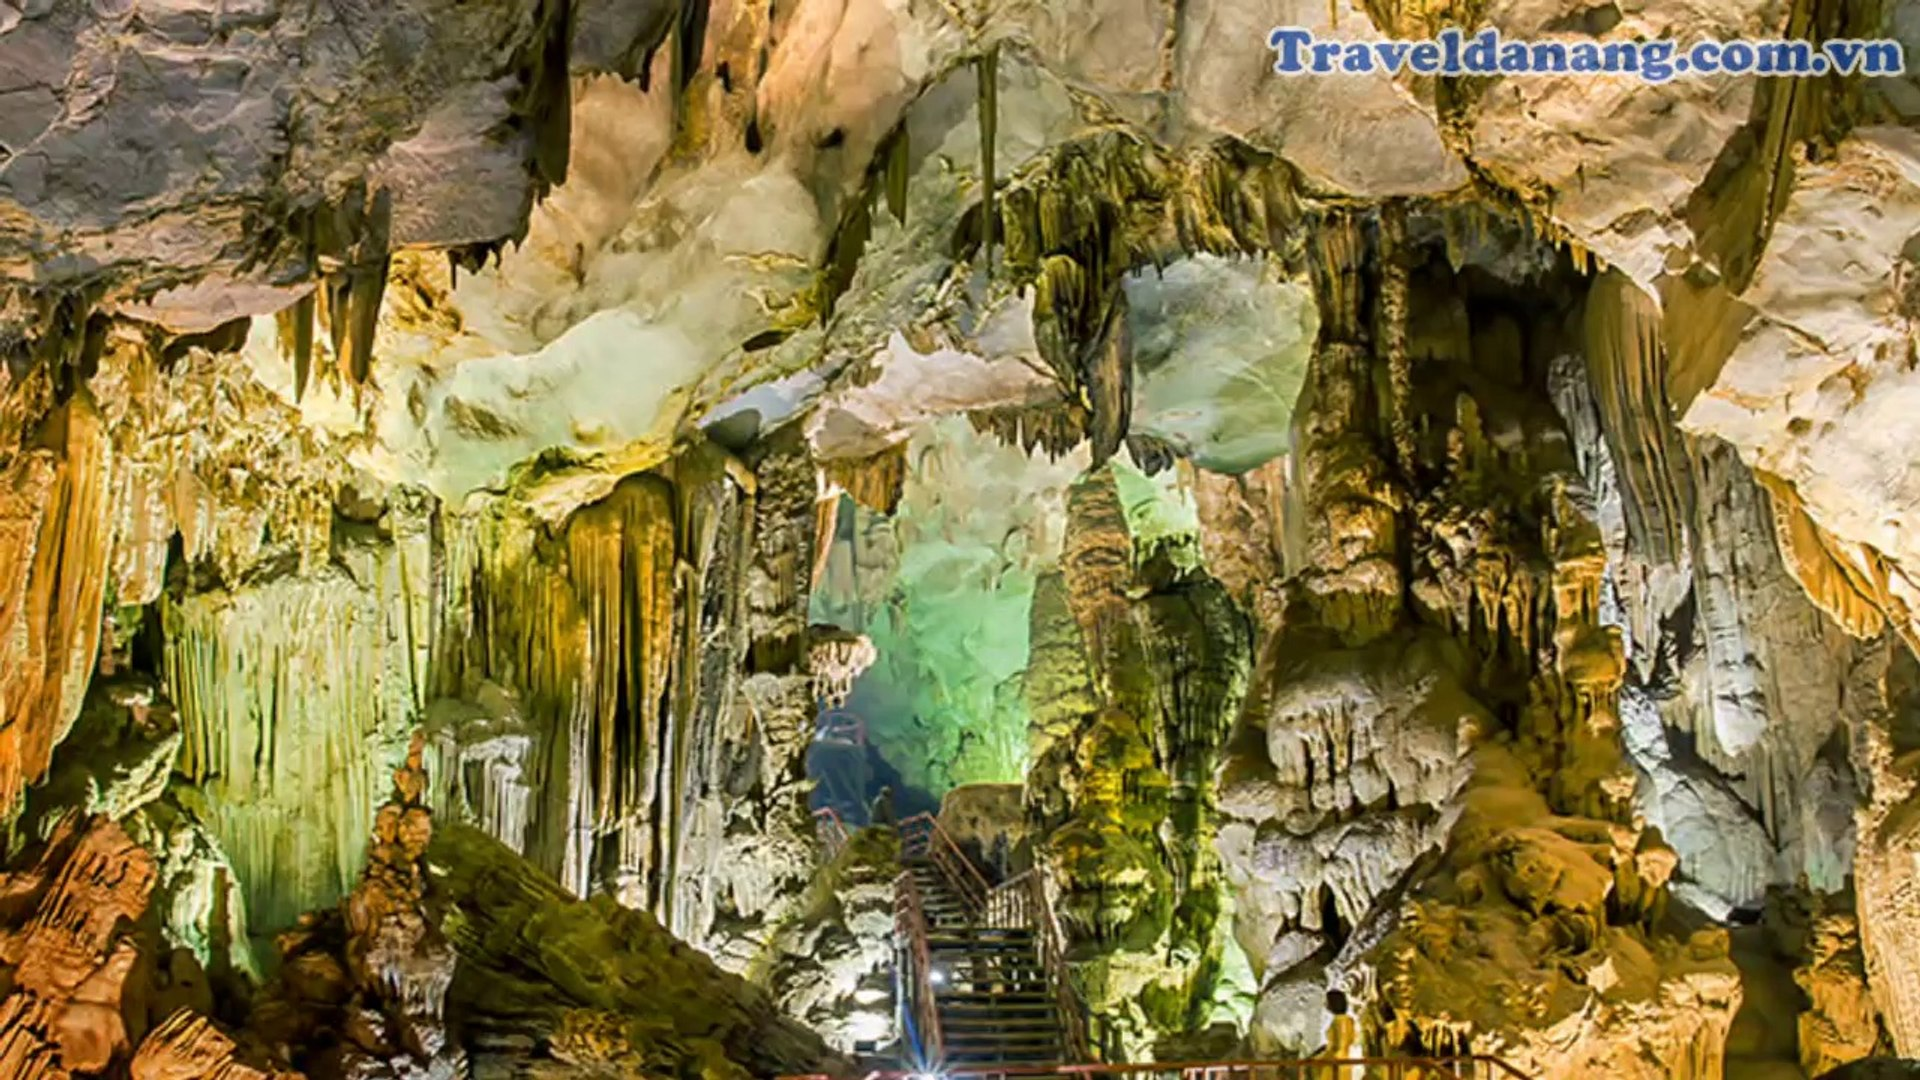 [Traveldanang.com.vn] Du lịch đà nẵng tết, Du xuân đà nẵng, du lịch tết, du lịch tết nguyên đán